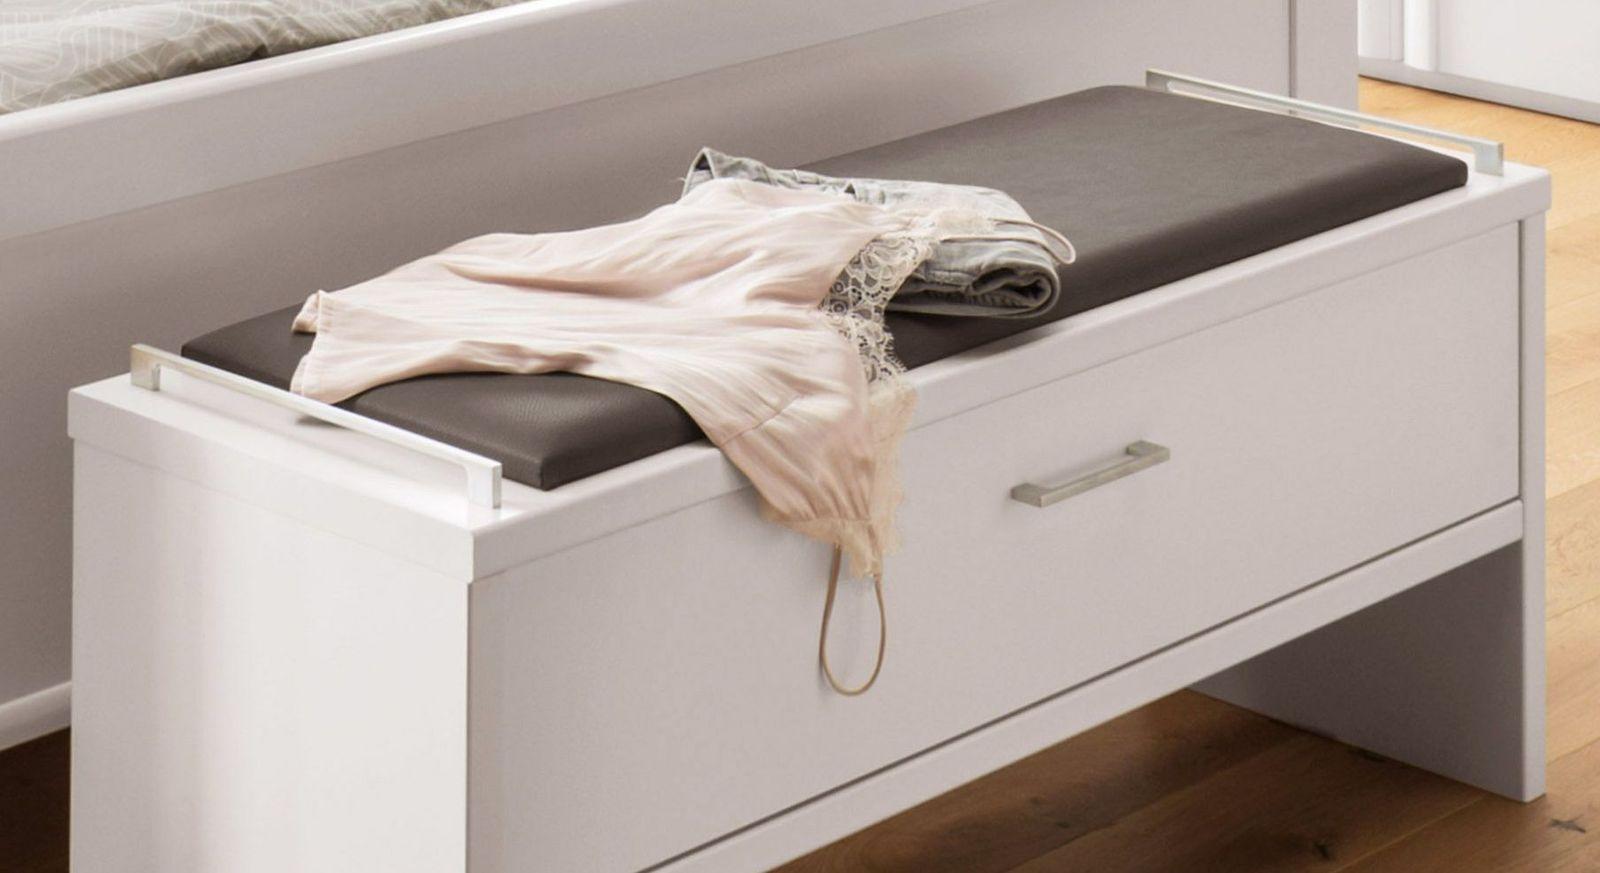 Bettbank Castelli mit Sitzpolster und Metallgriffe